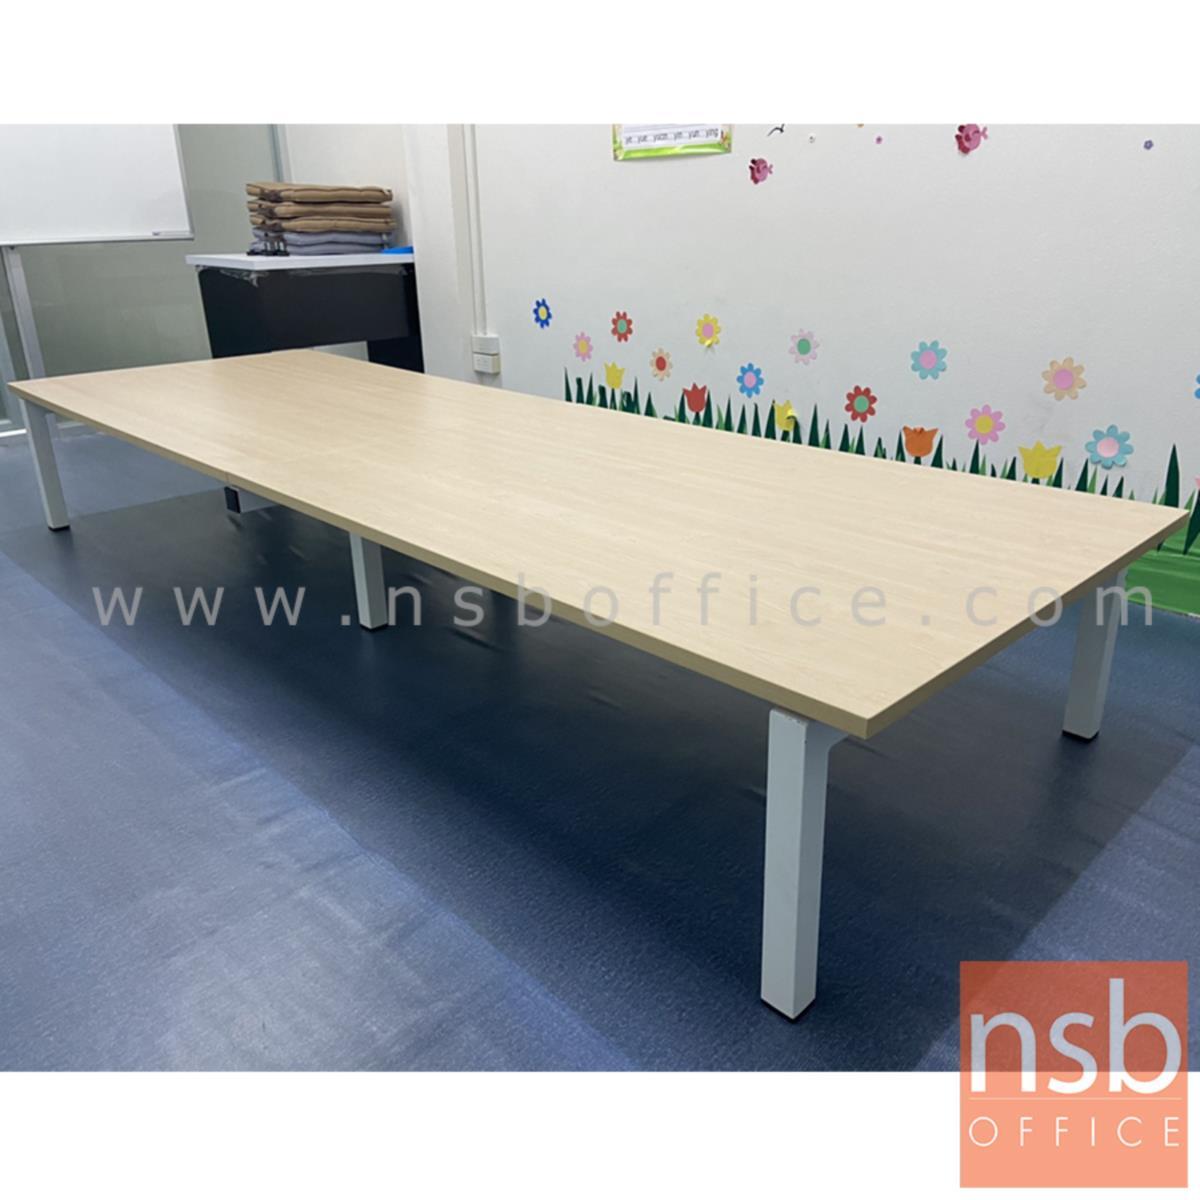 โต๊ะประชุมทรงสี่เหลี่ยม รุ่น moss (มอส) ขนาด 300W, 360W, 400W, 480W cm. ขาเหล็กเหลี่ยมทำสี